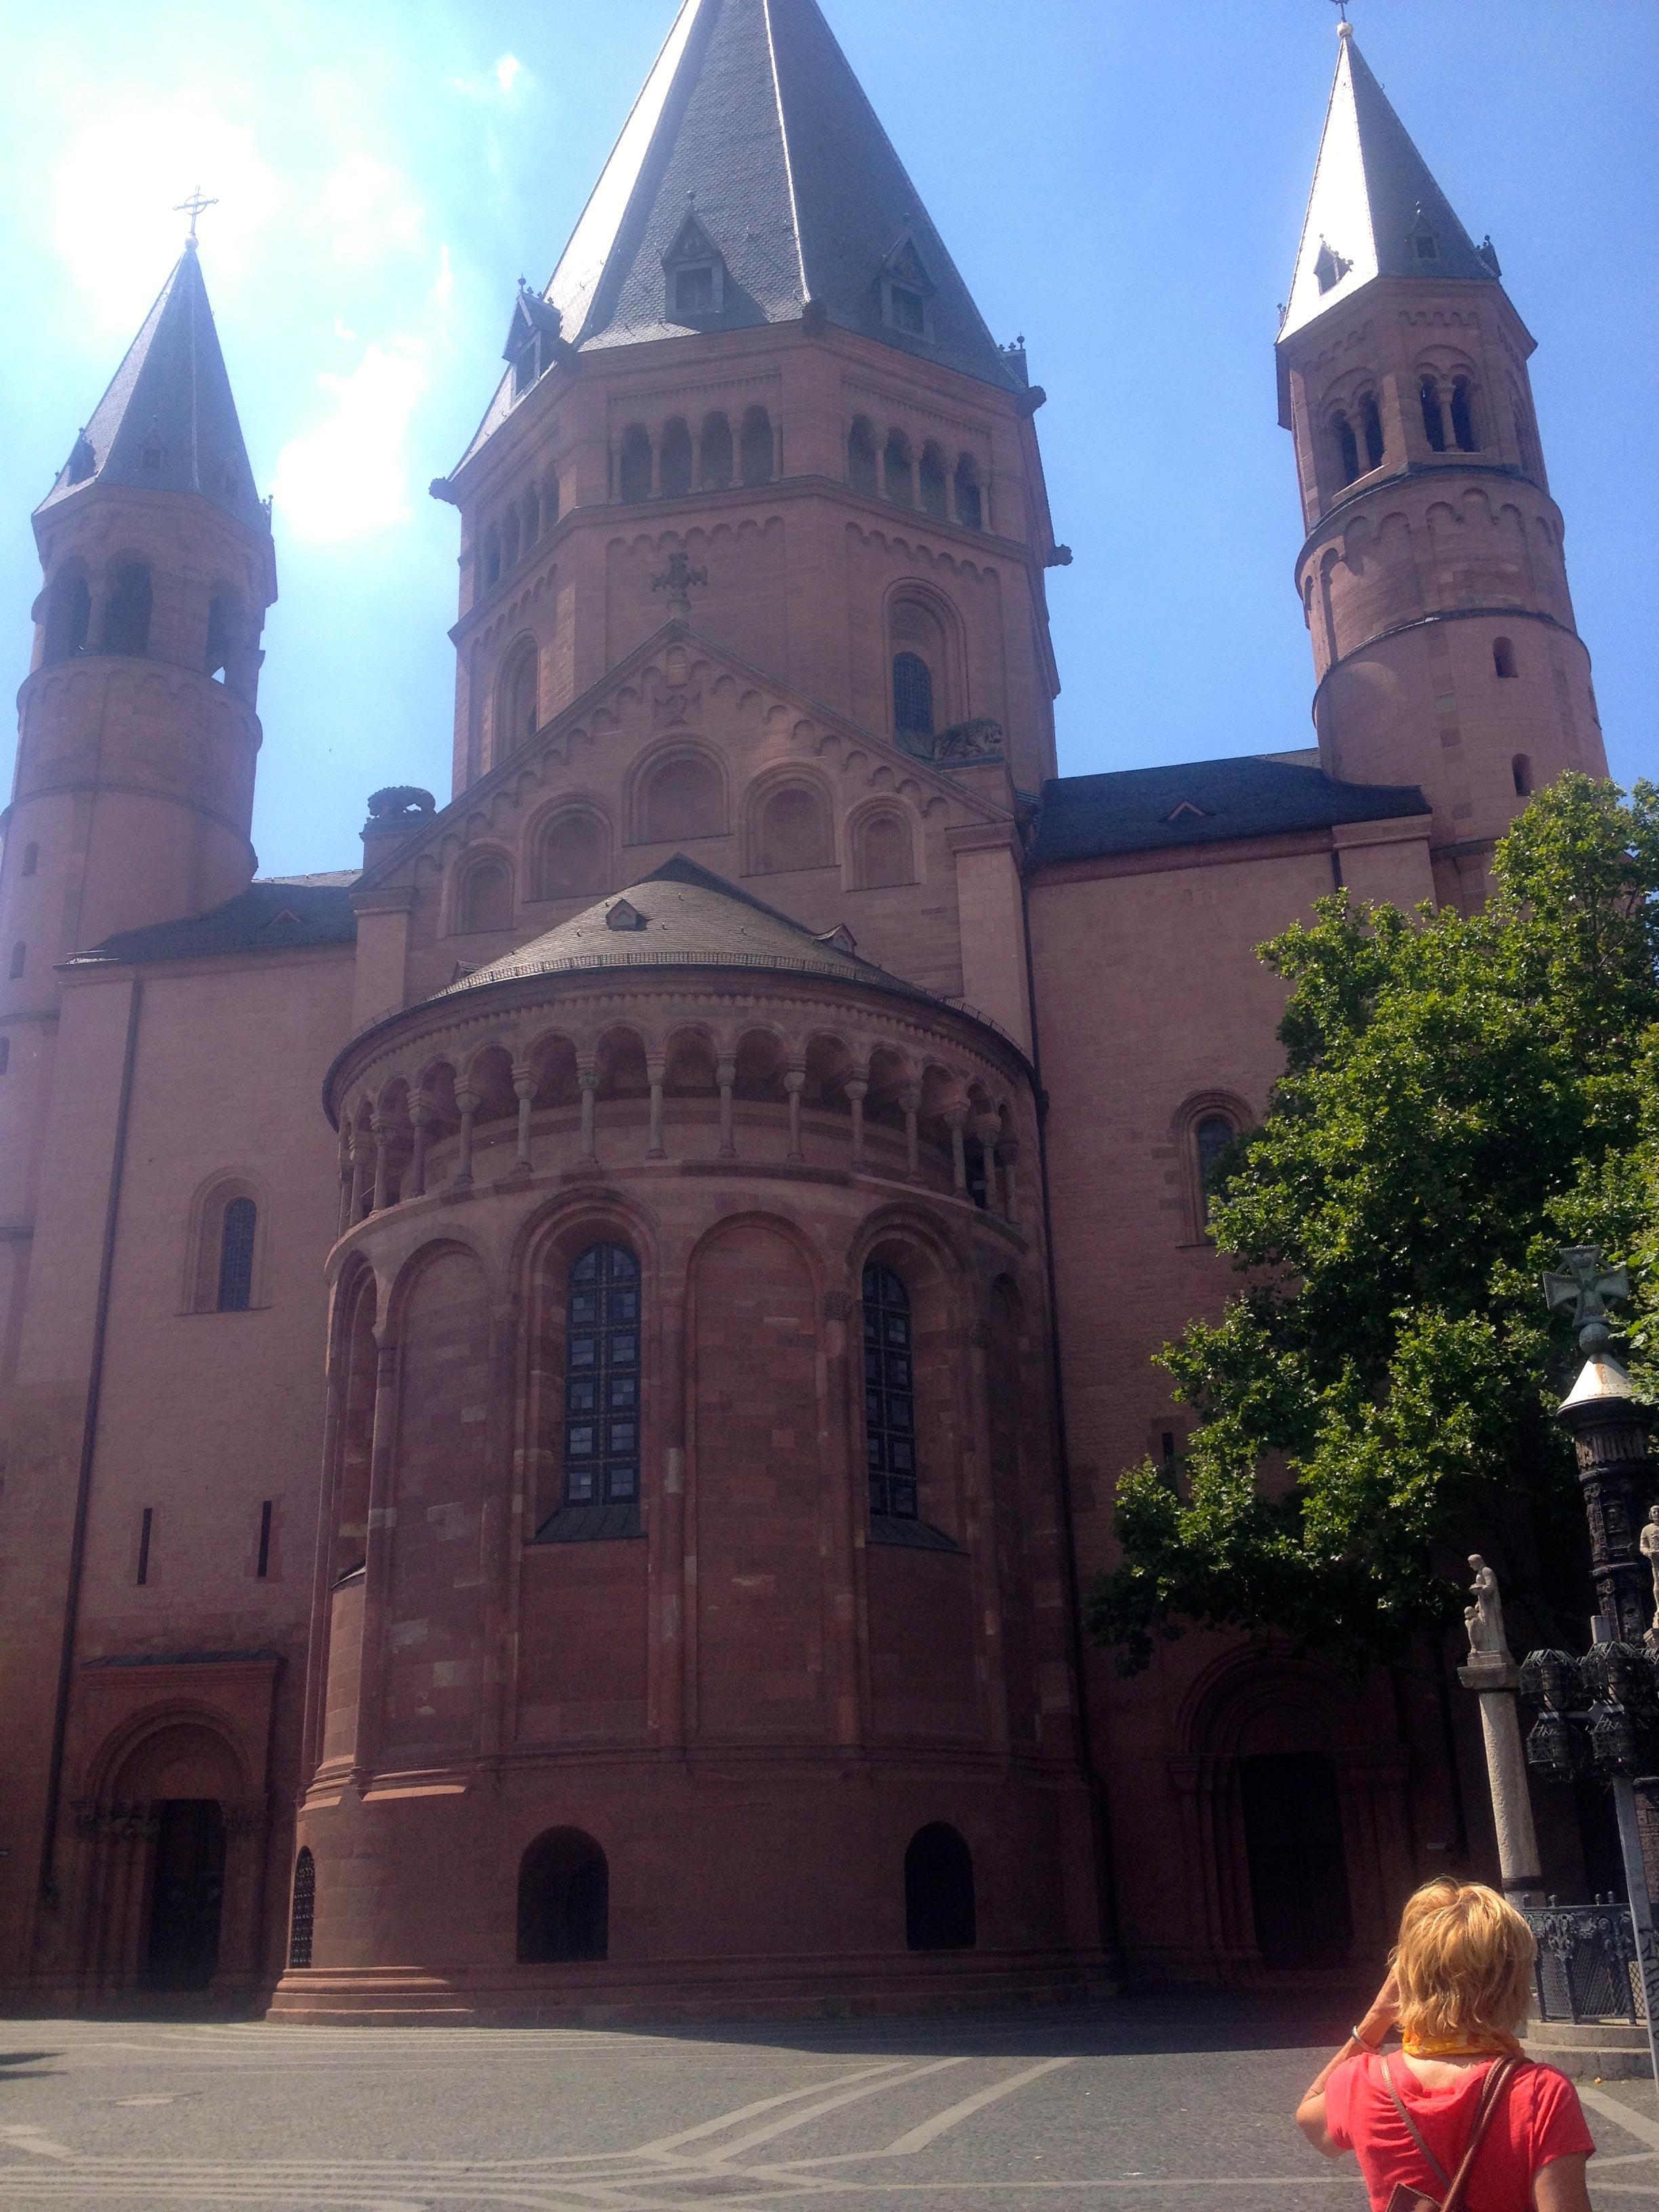 Domkirche in Mainz